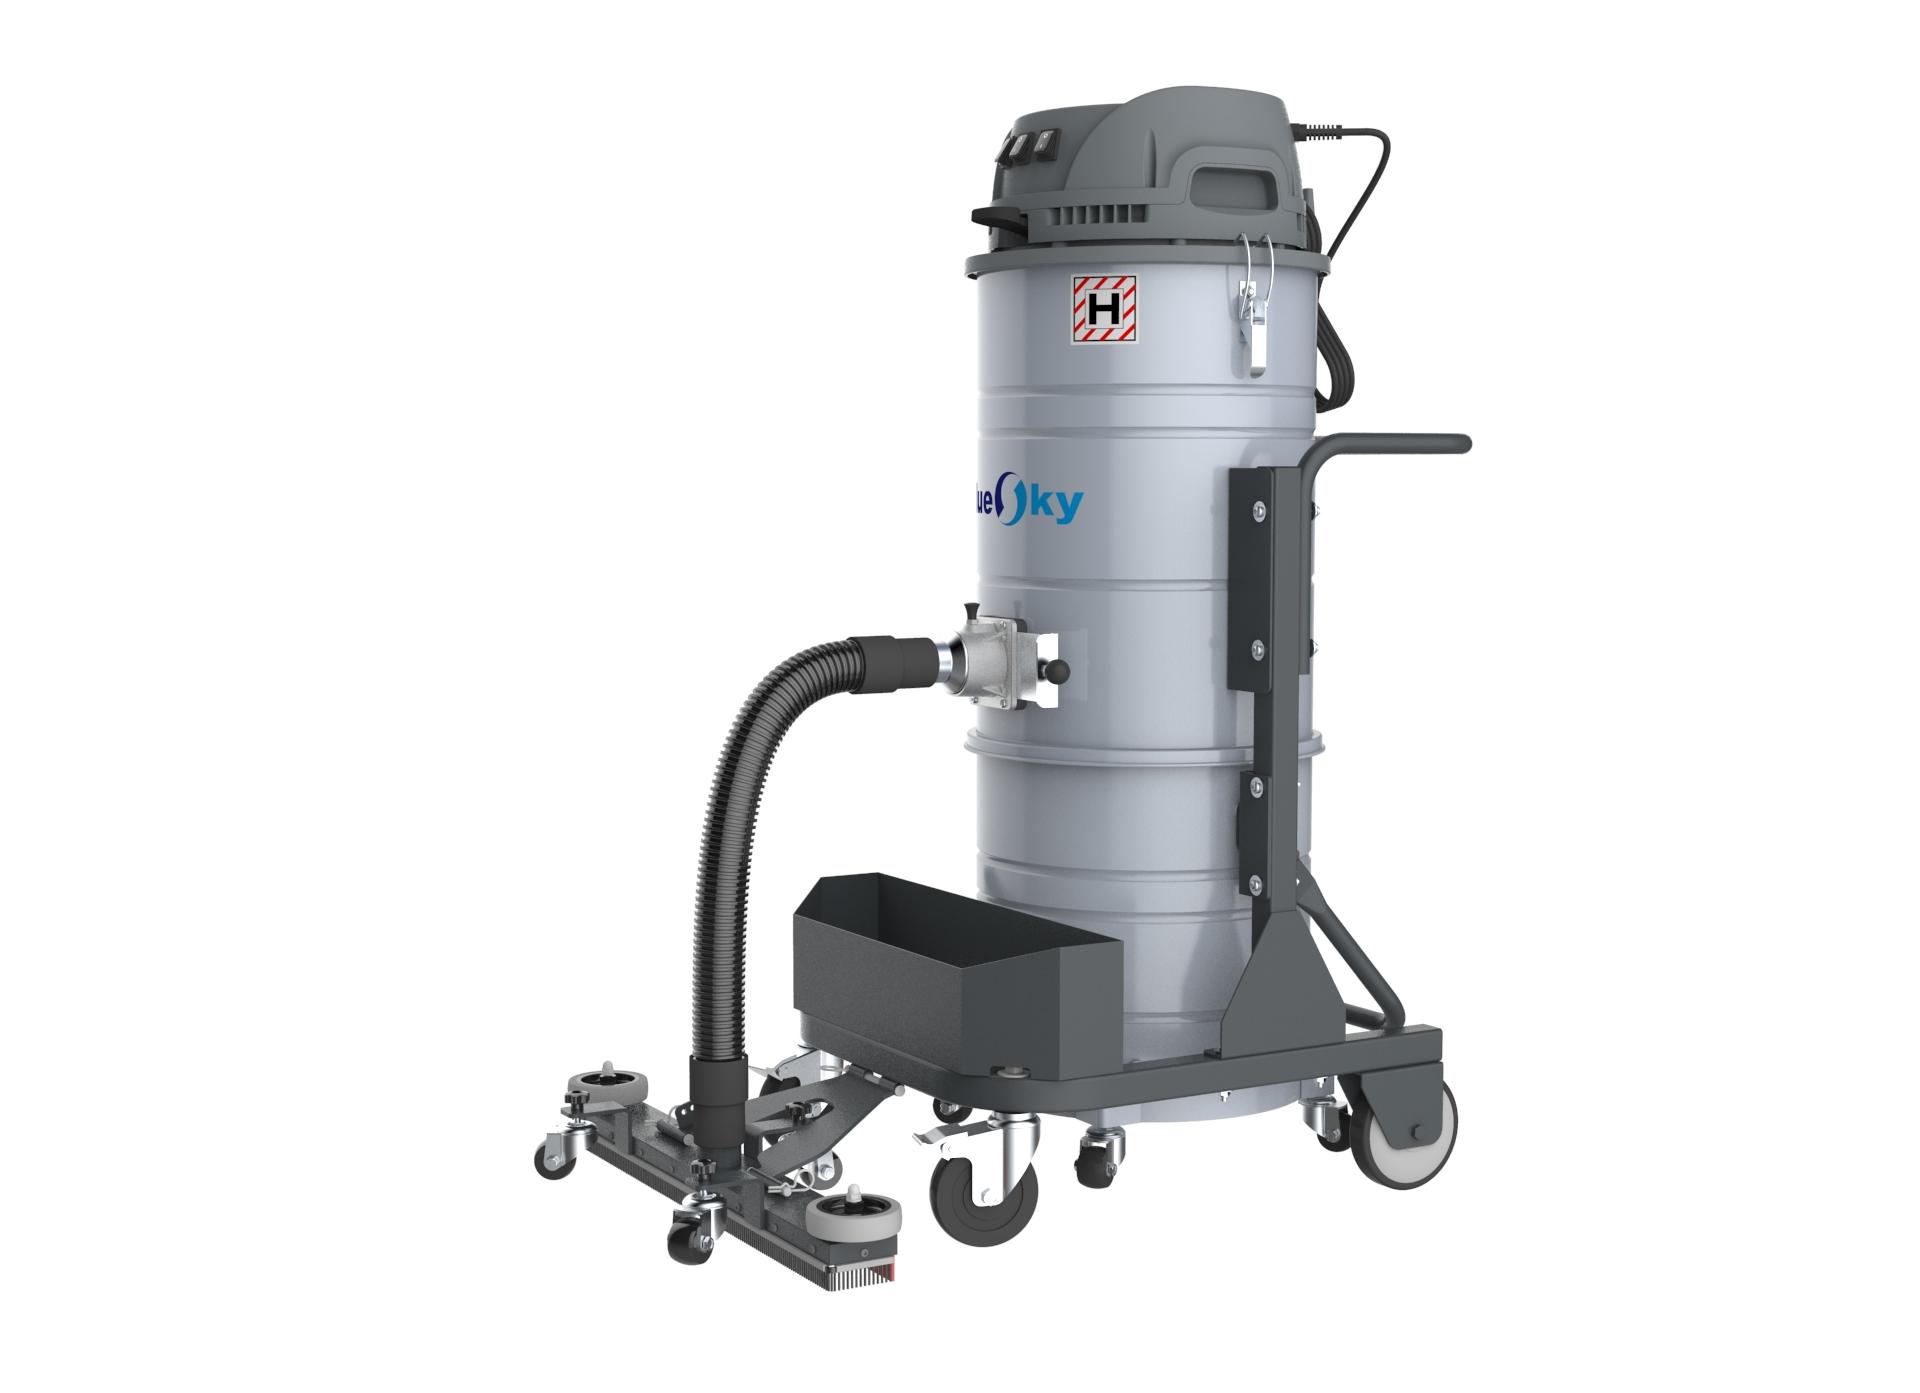 220V大量灰尘吸尘器S3